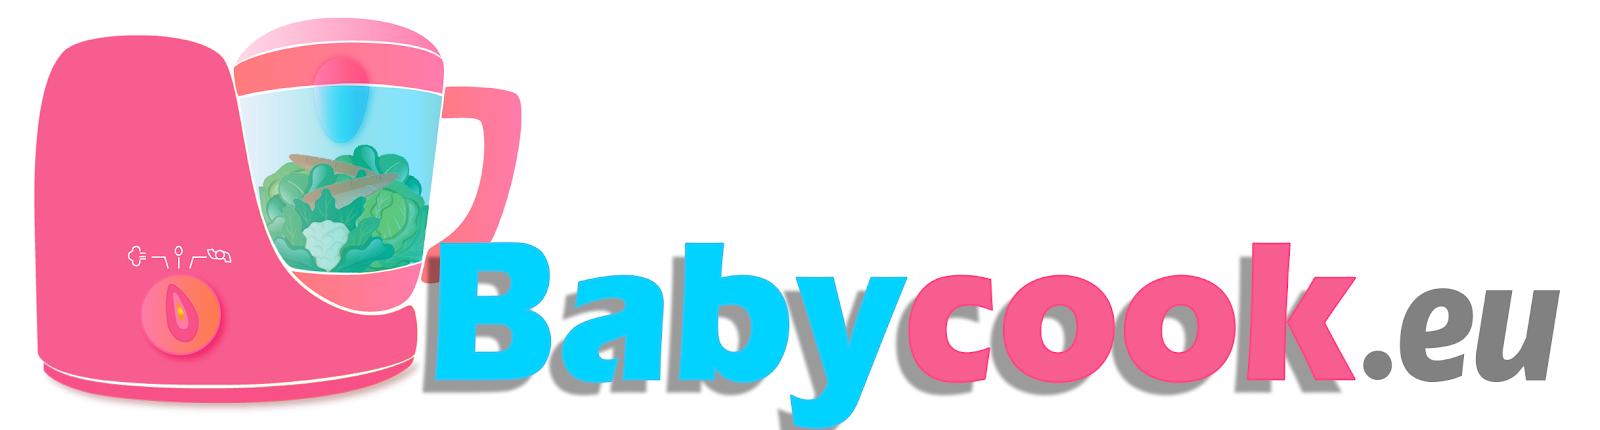 Meilleur Babycook et robot cuisine bébé